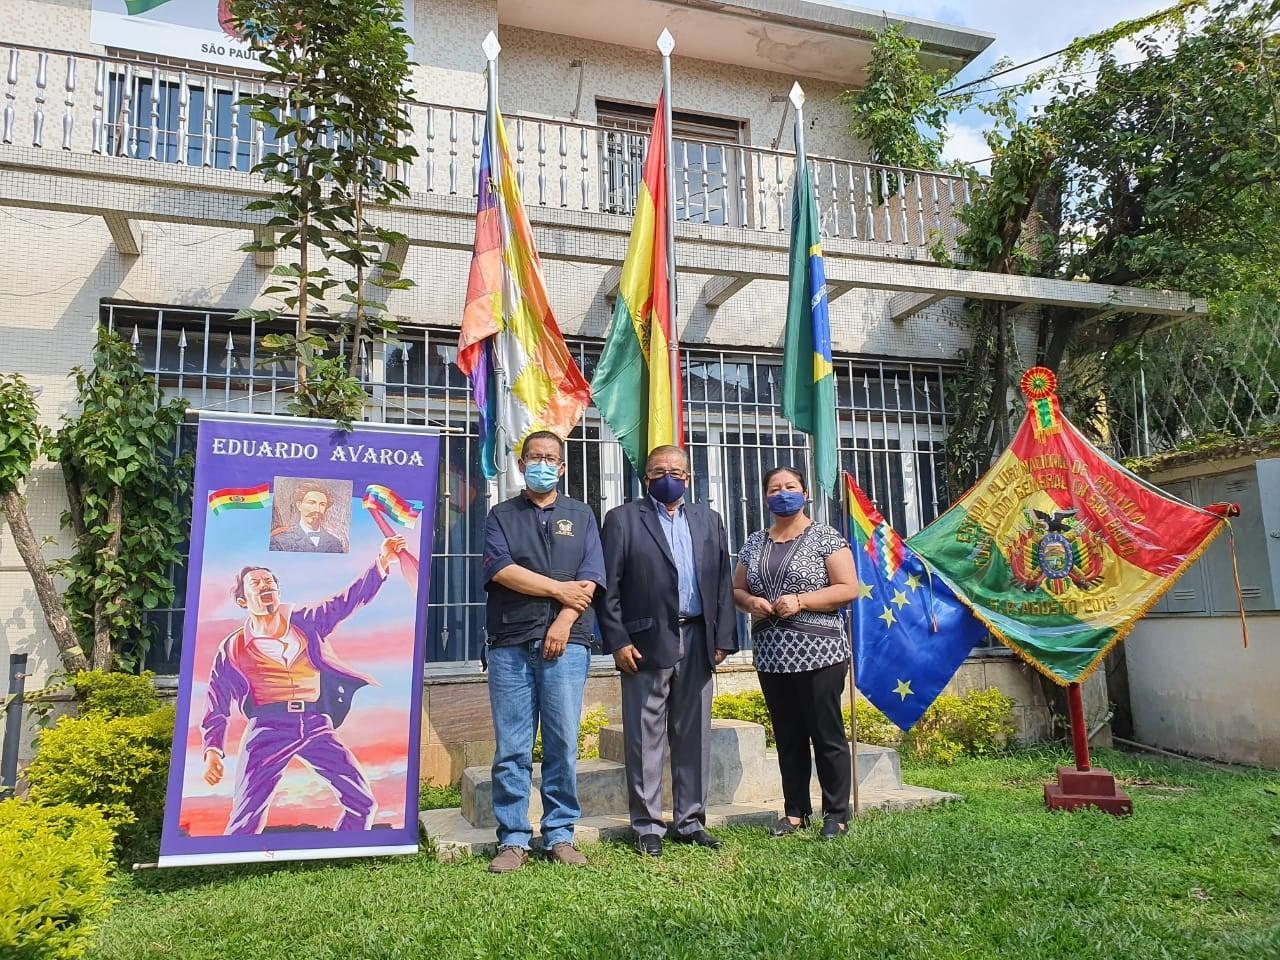 Consulado boliviano ratifica o direito inalienável de retornar ao mar boliviano com soberania.